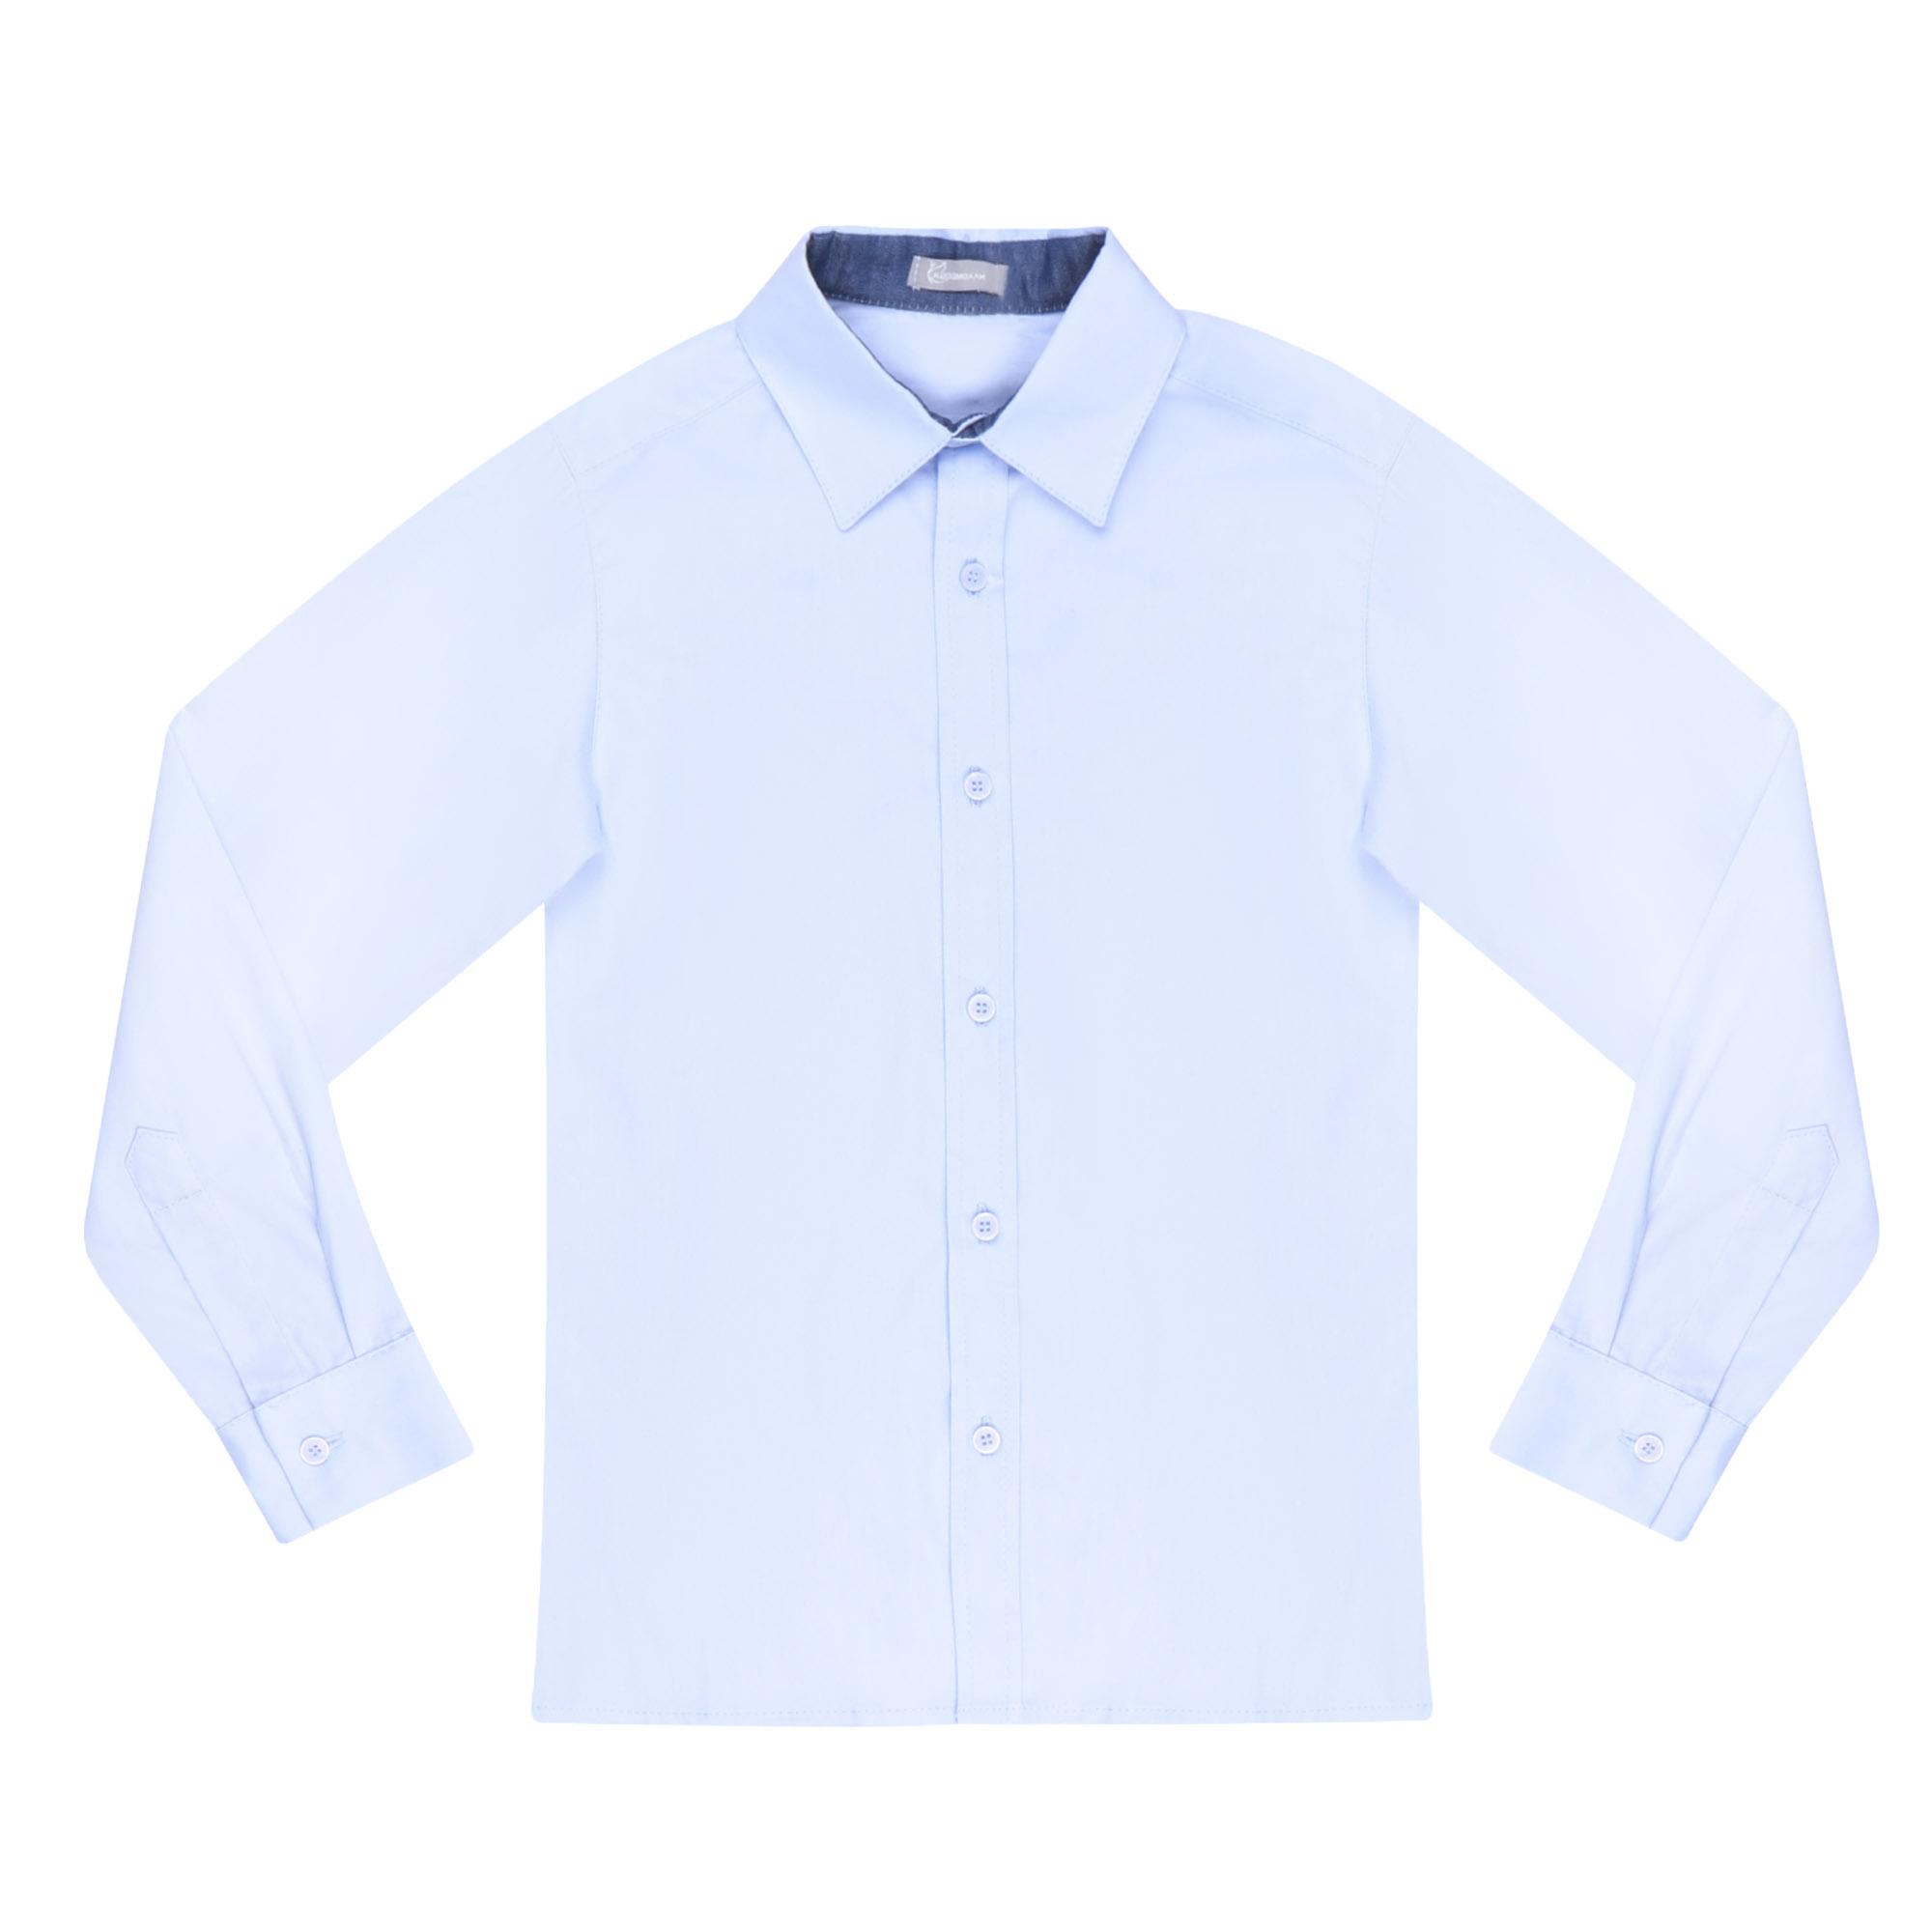 Купить Сорочка для мальчиков КАРАМЕЛЛИ О14311 голубая 158, Голубой, Для мальчиков, Всесезонный,